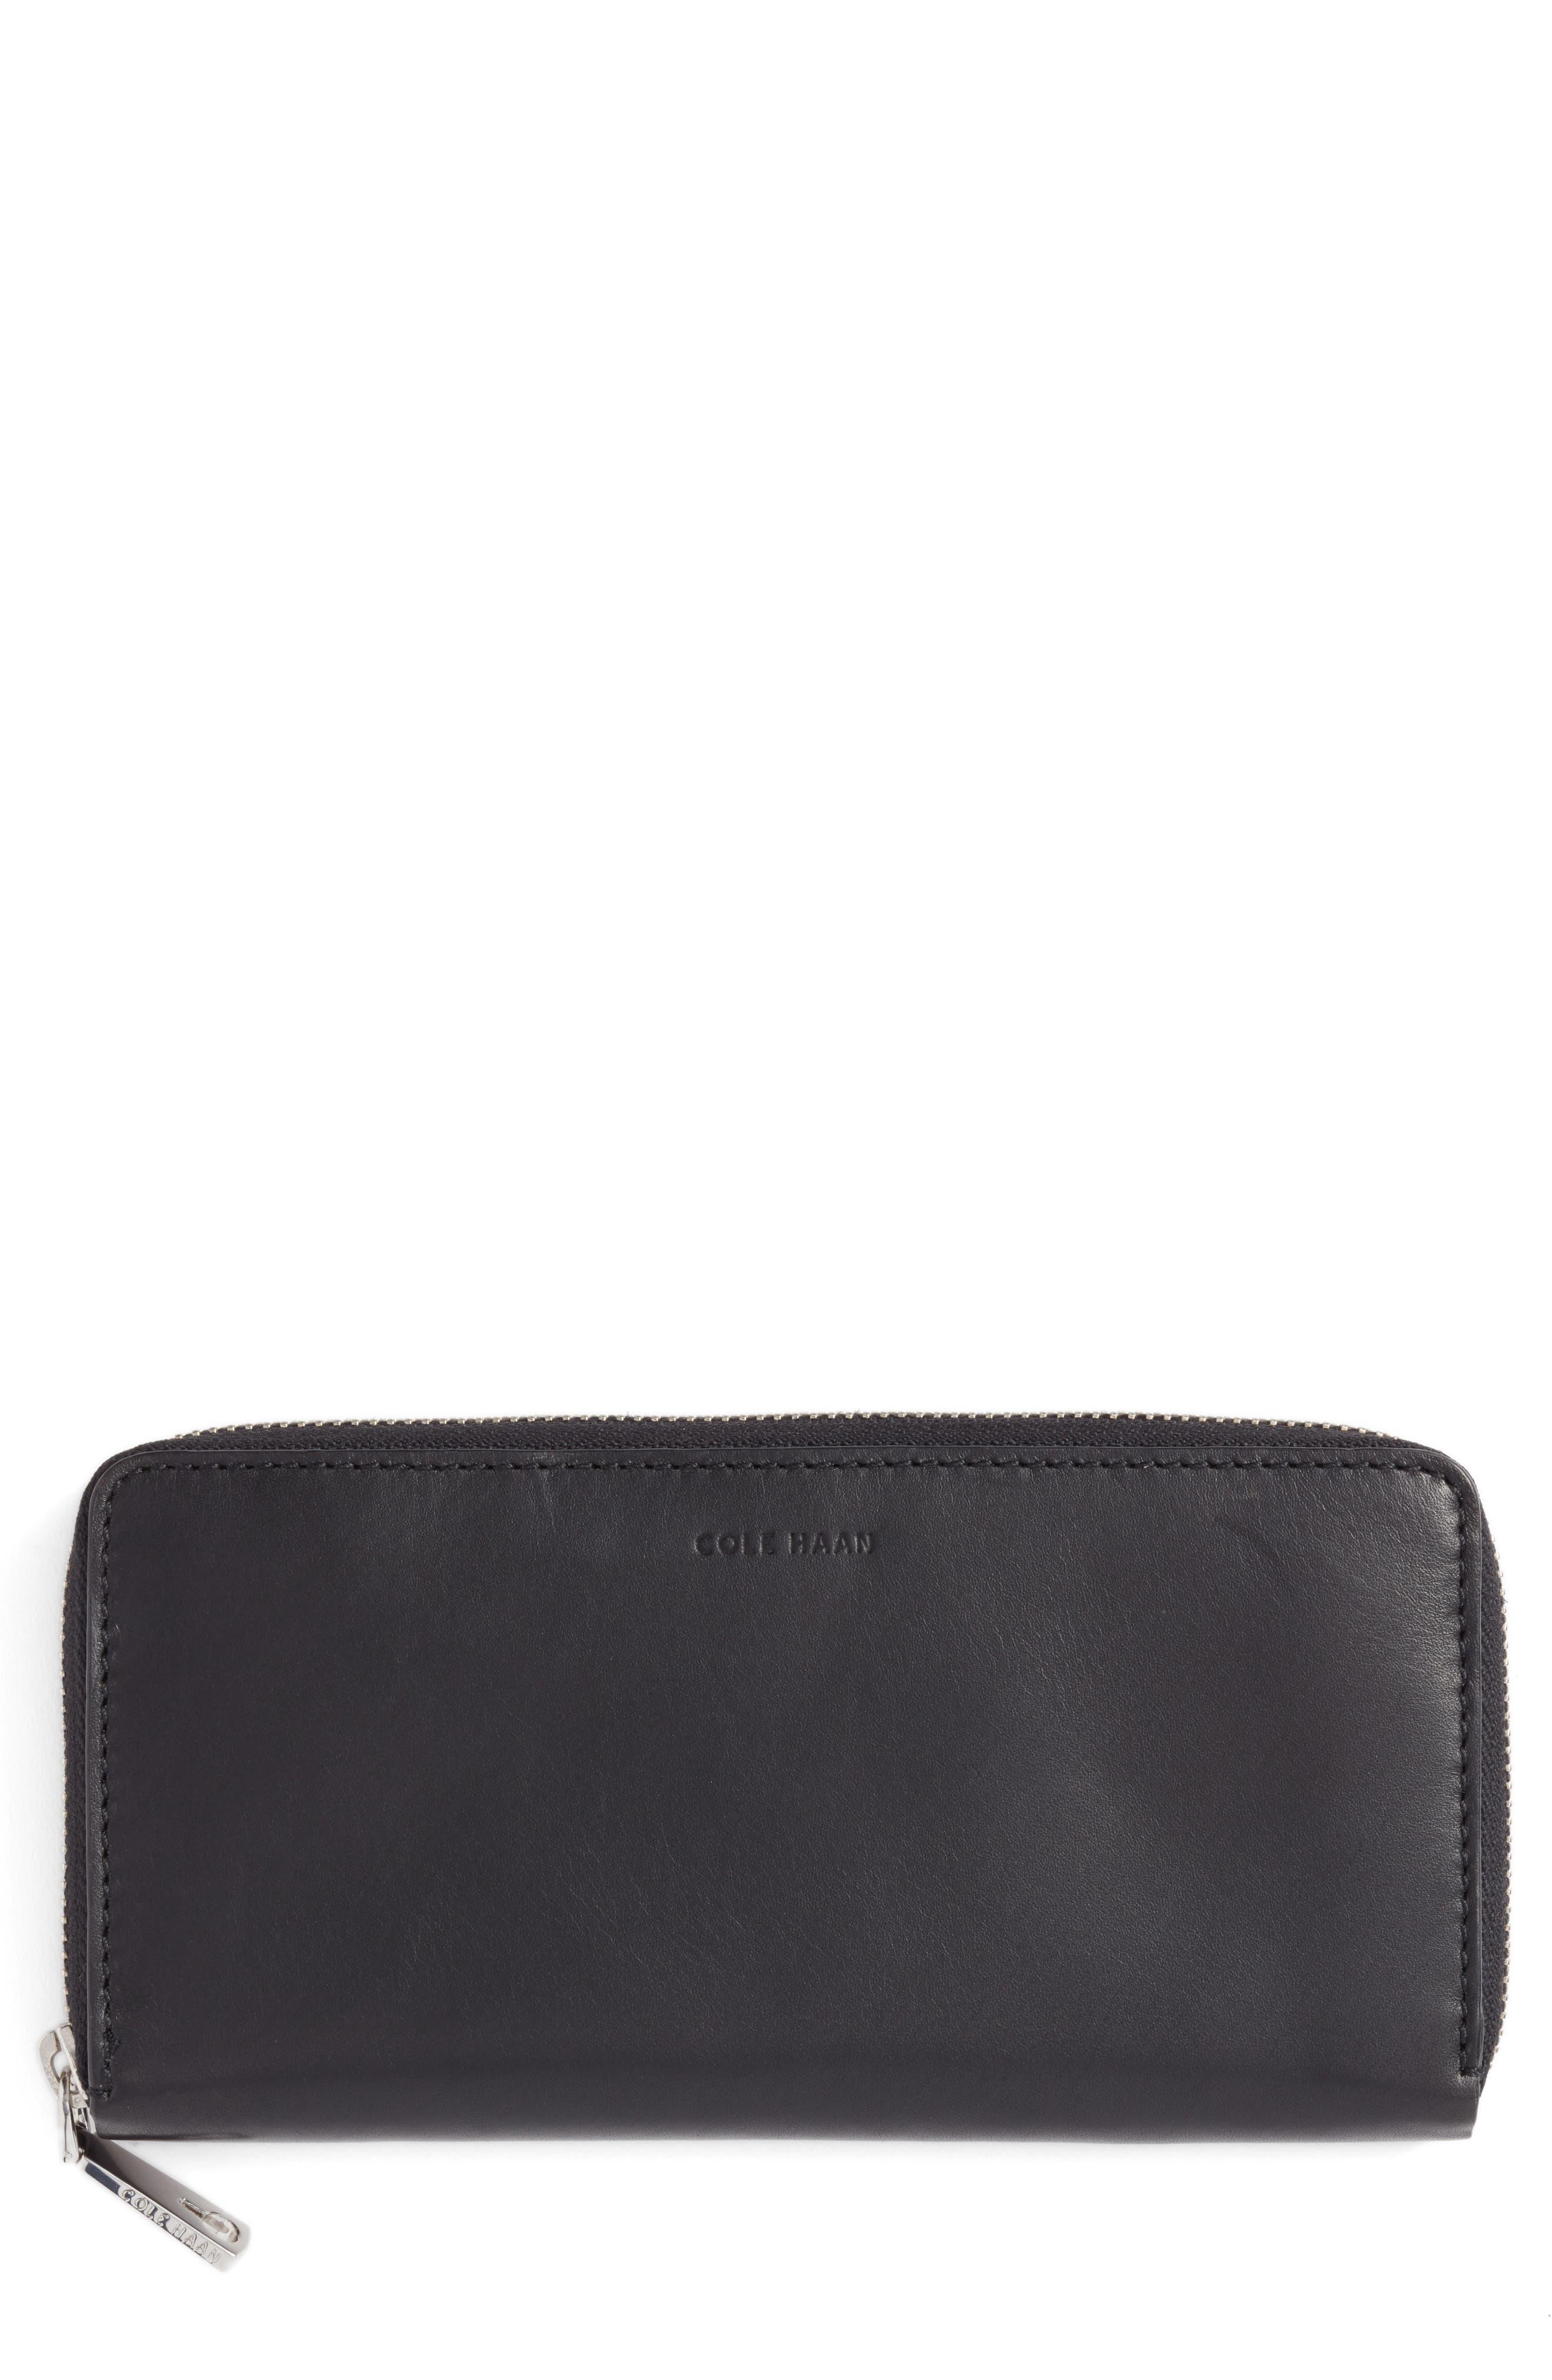 Cole Haan Continental Zip Wallet